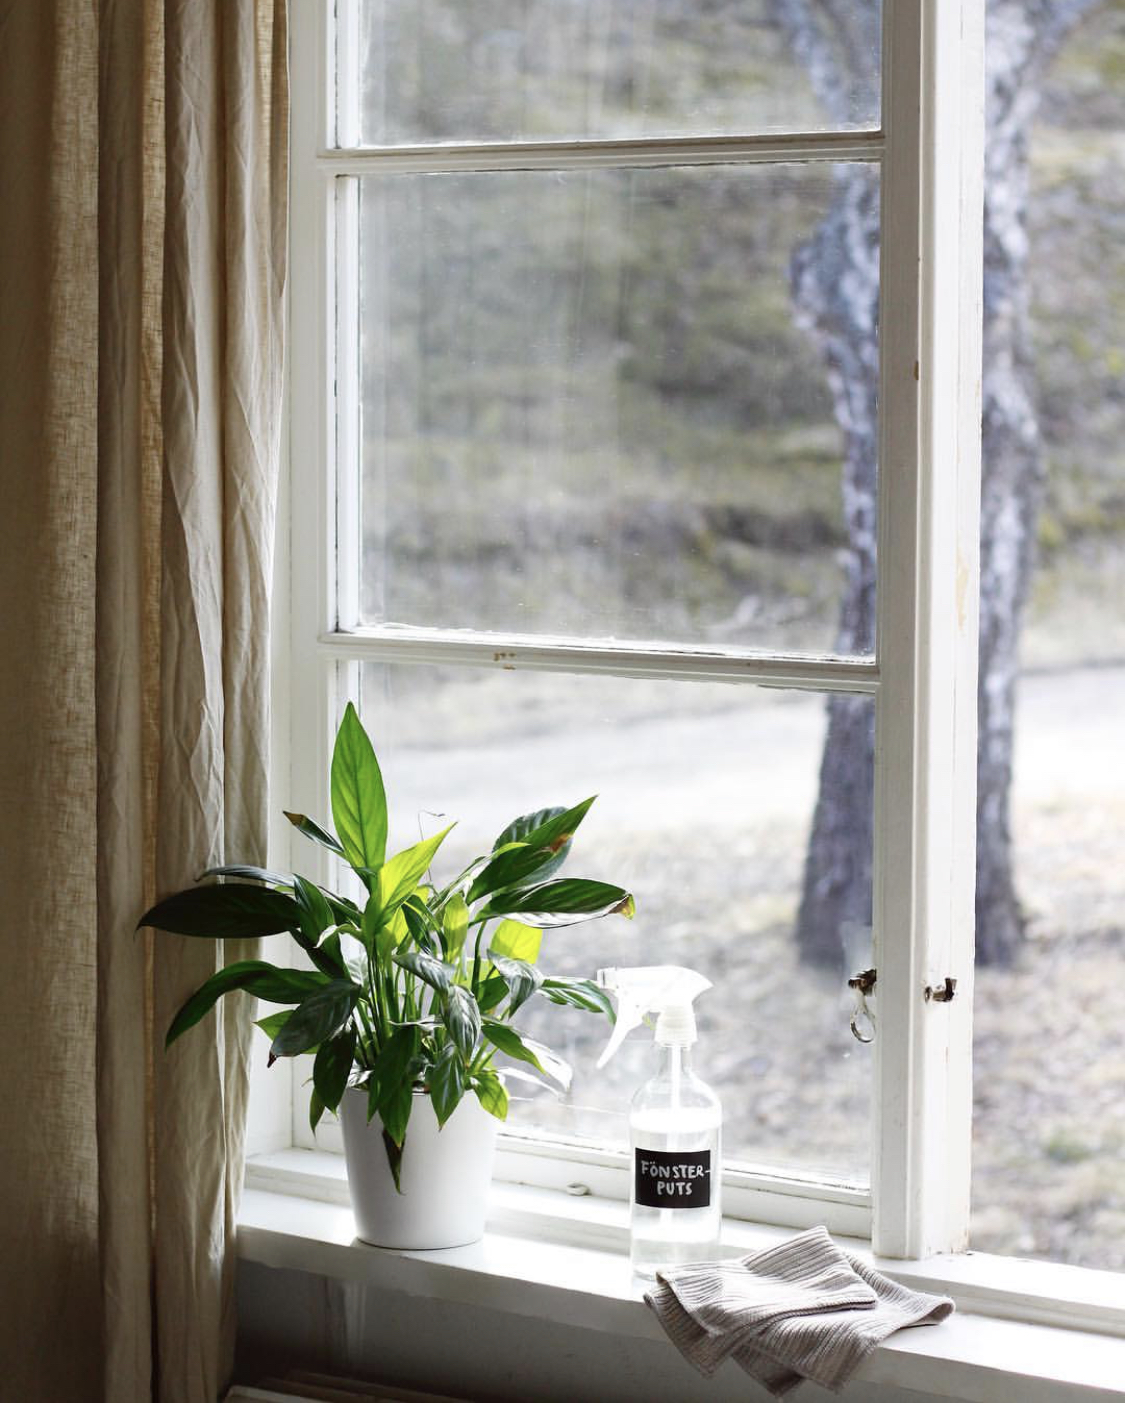 miljövänlig fönsterputs